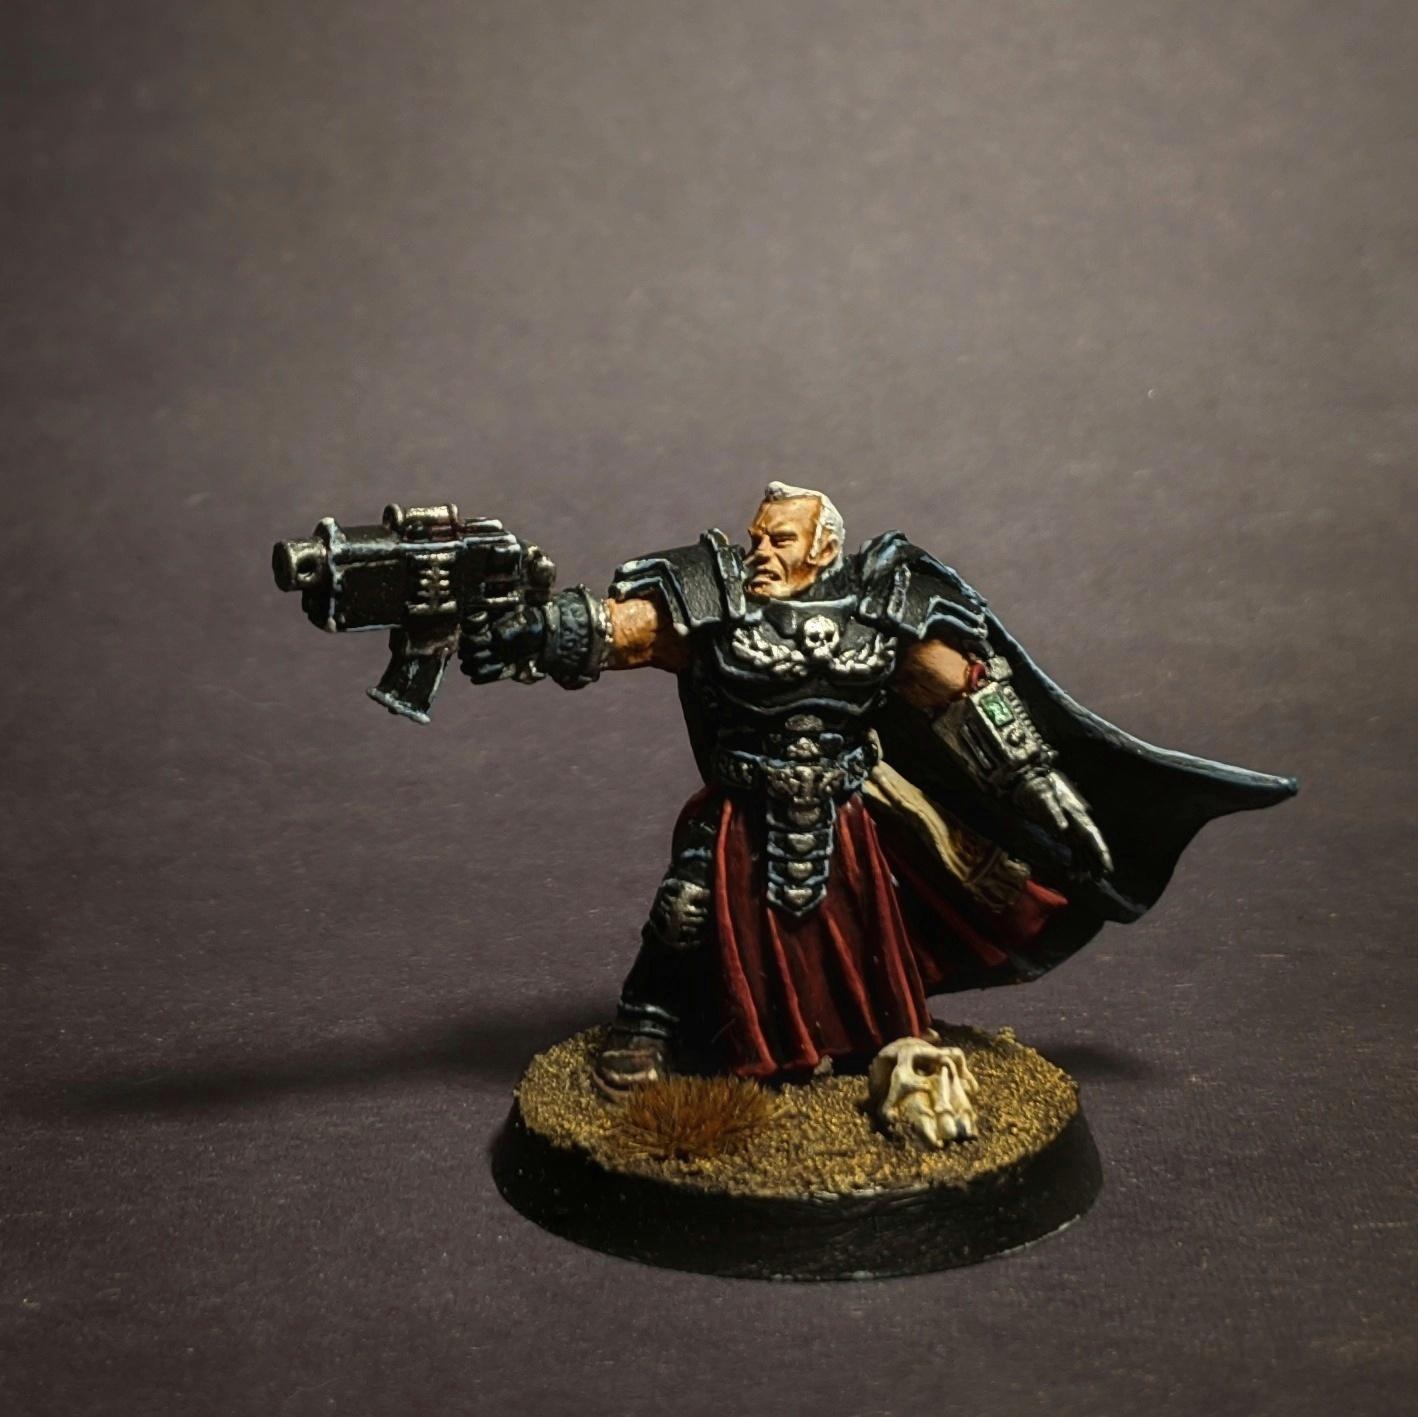 Inquisitor, Inquisitor